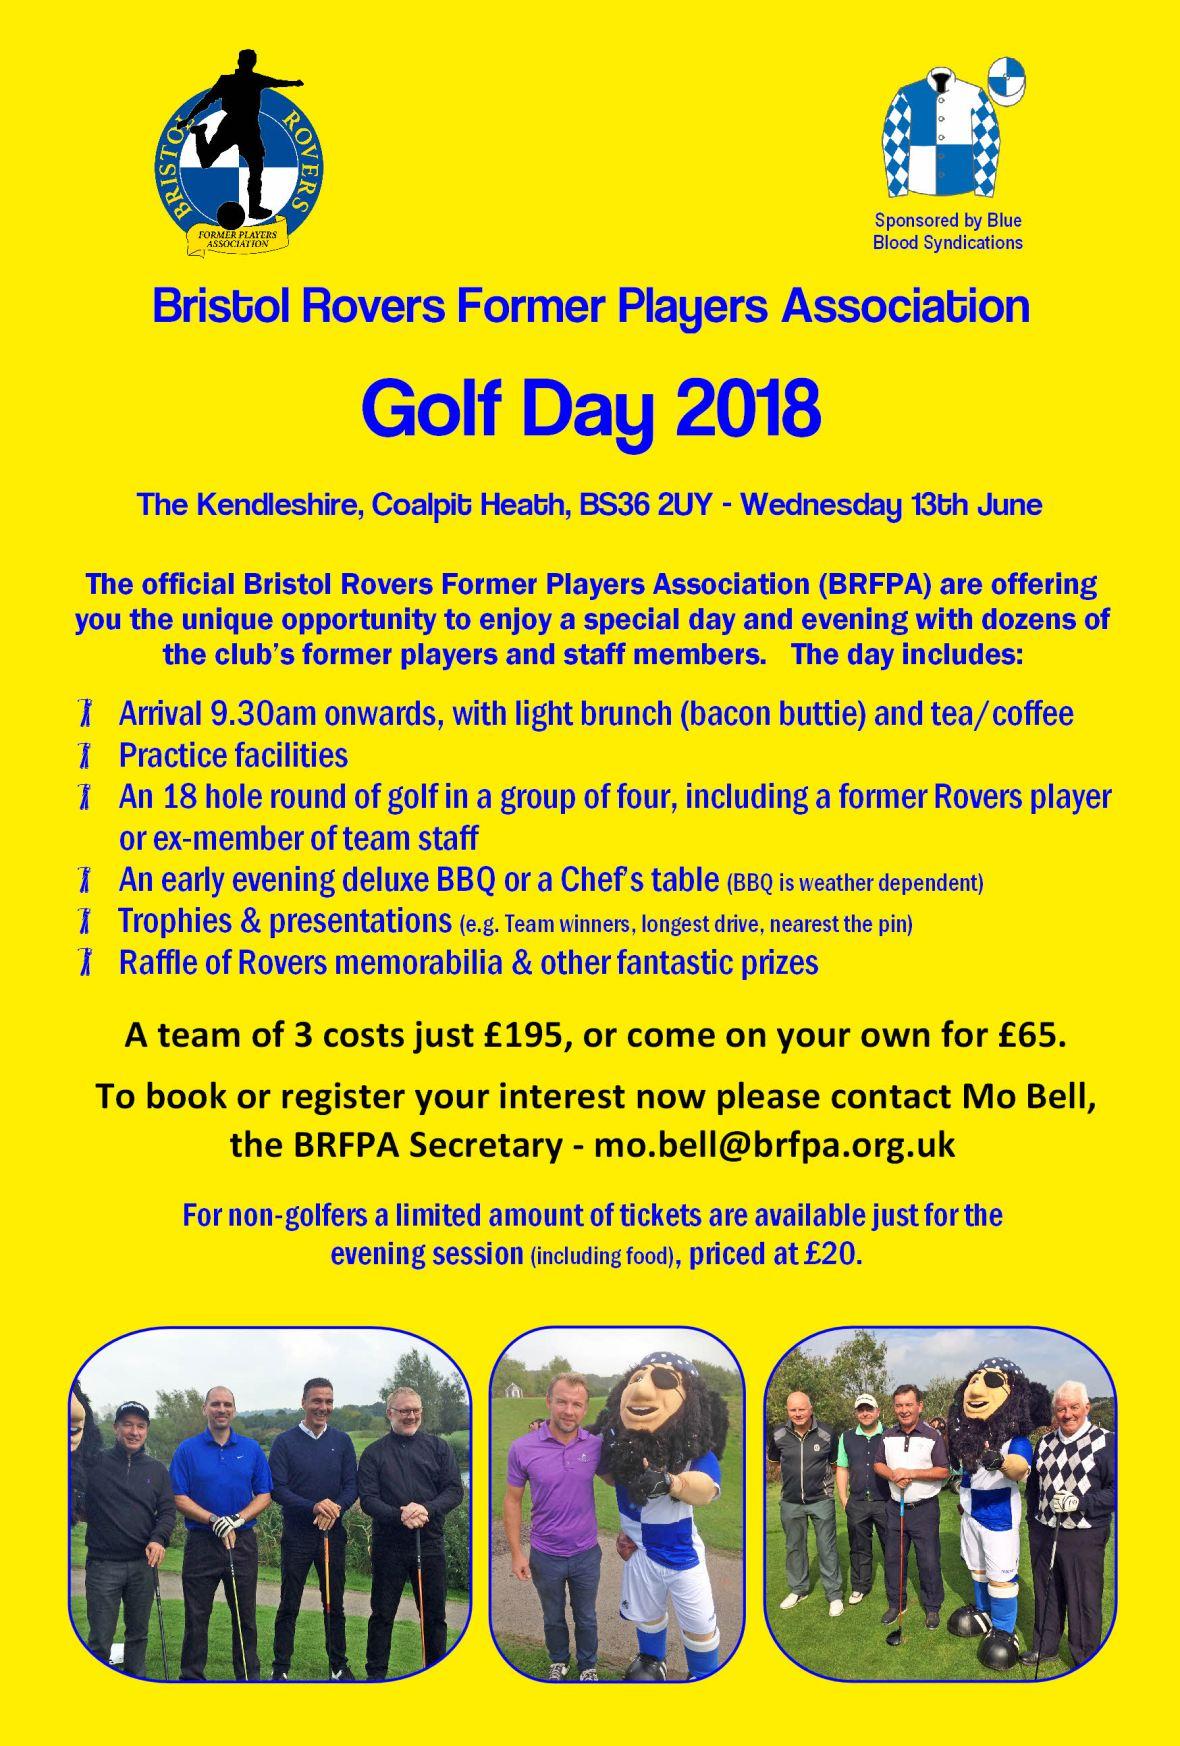 BRFPA Golf Day 2018 - Advert